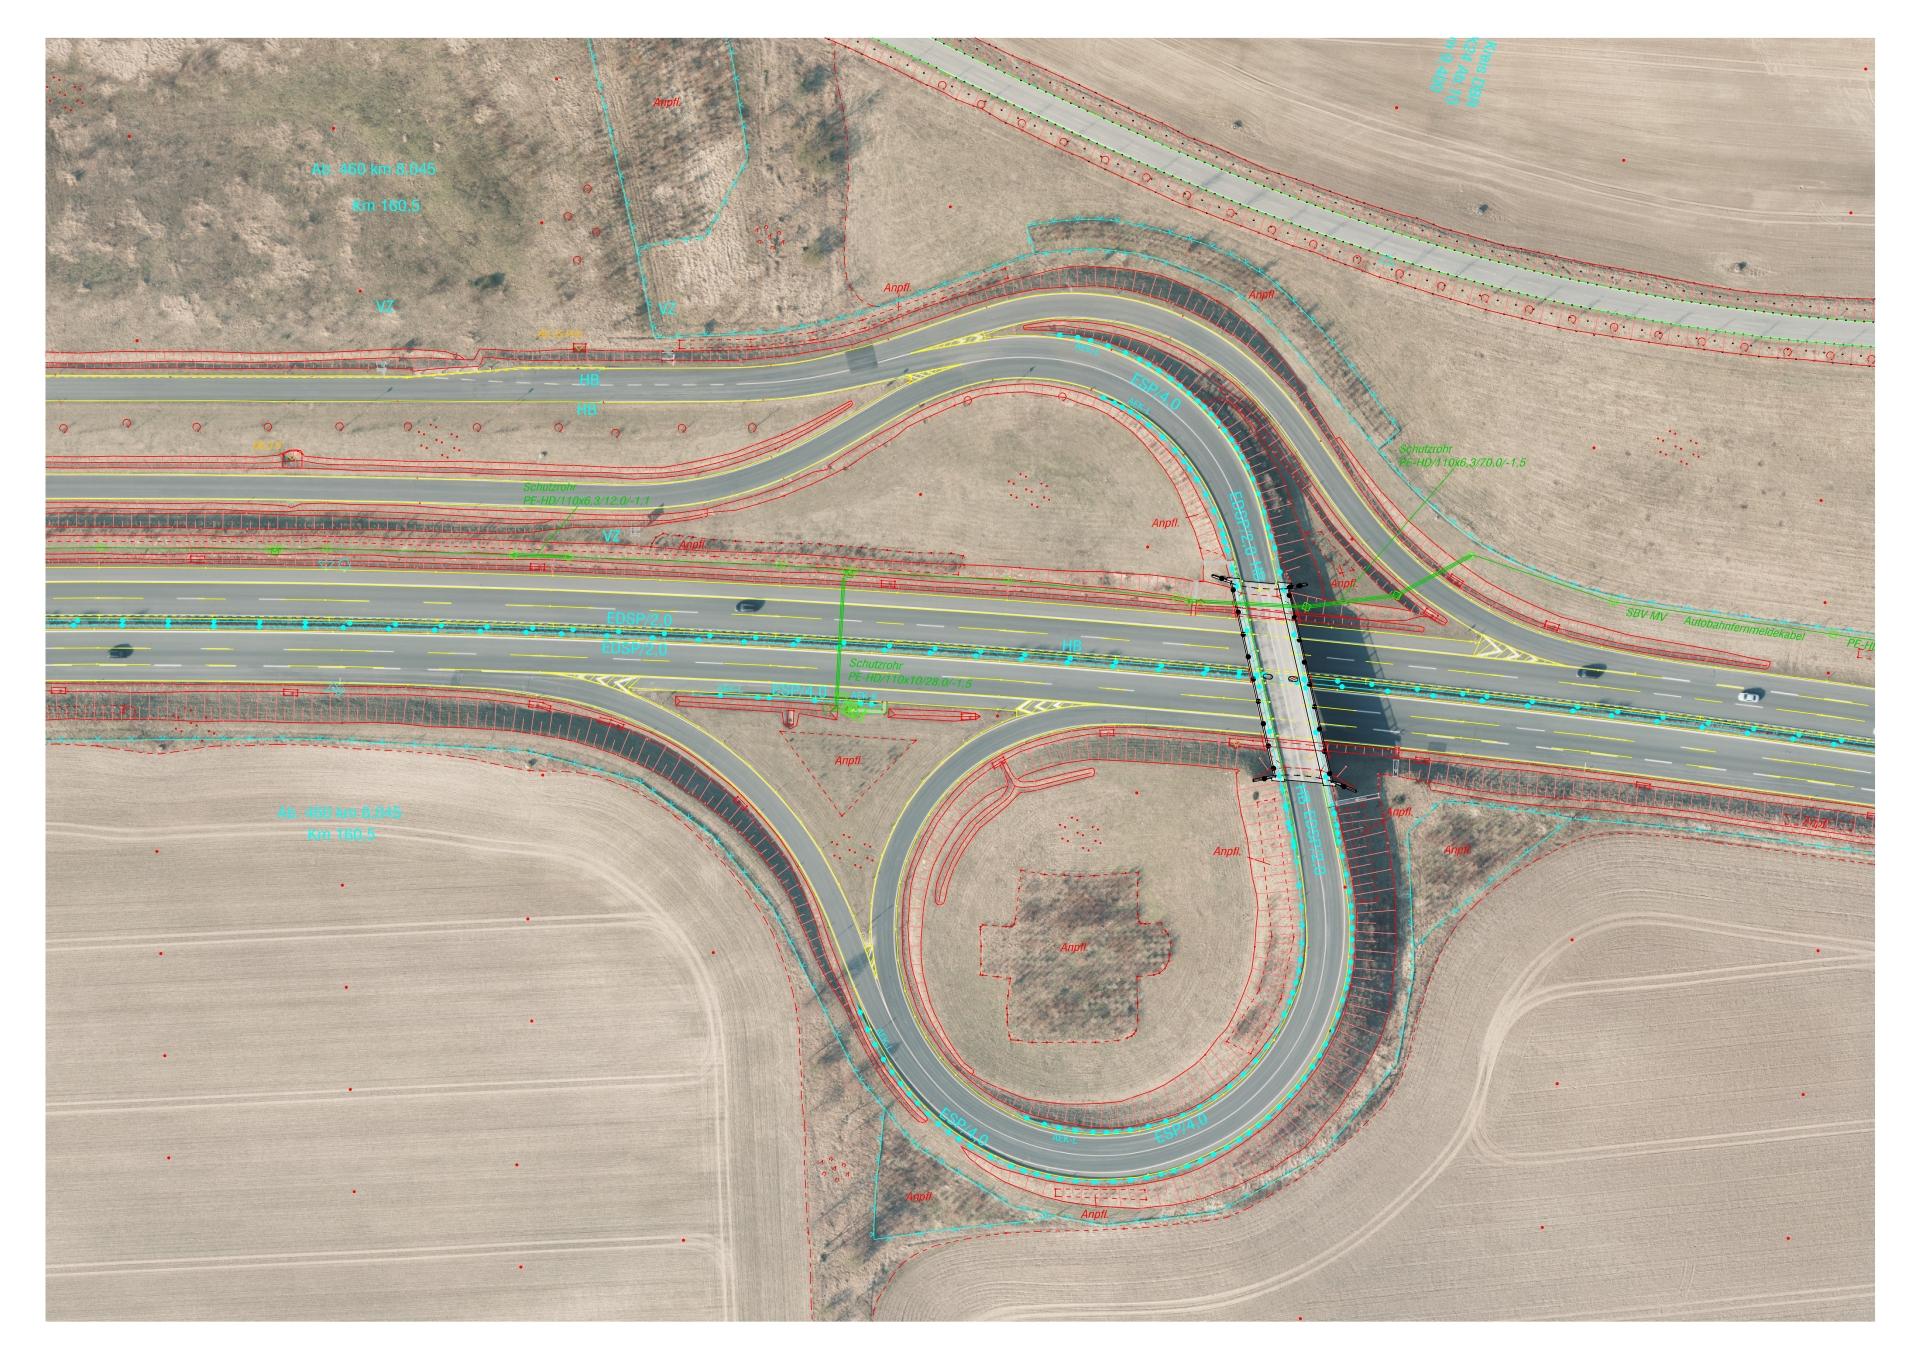 DOP überlagert mit Vektordaten vom Grundriss und der Leitungen